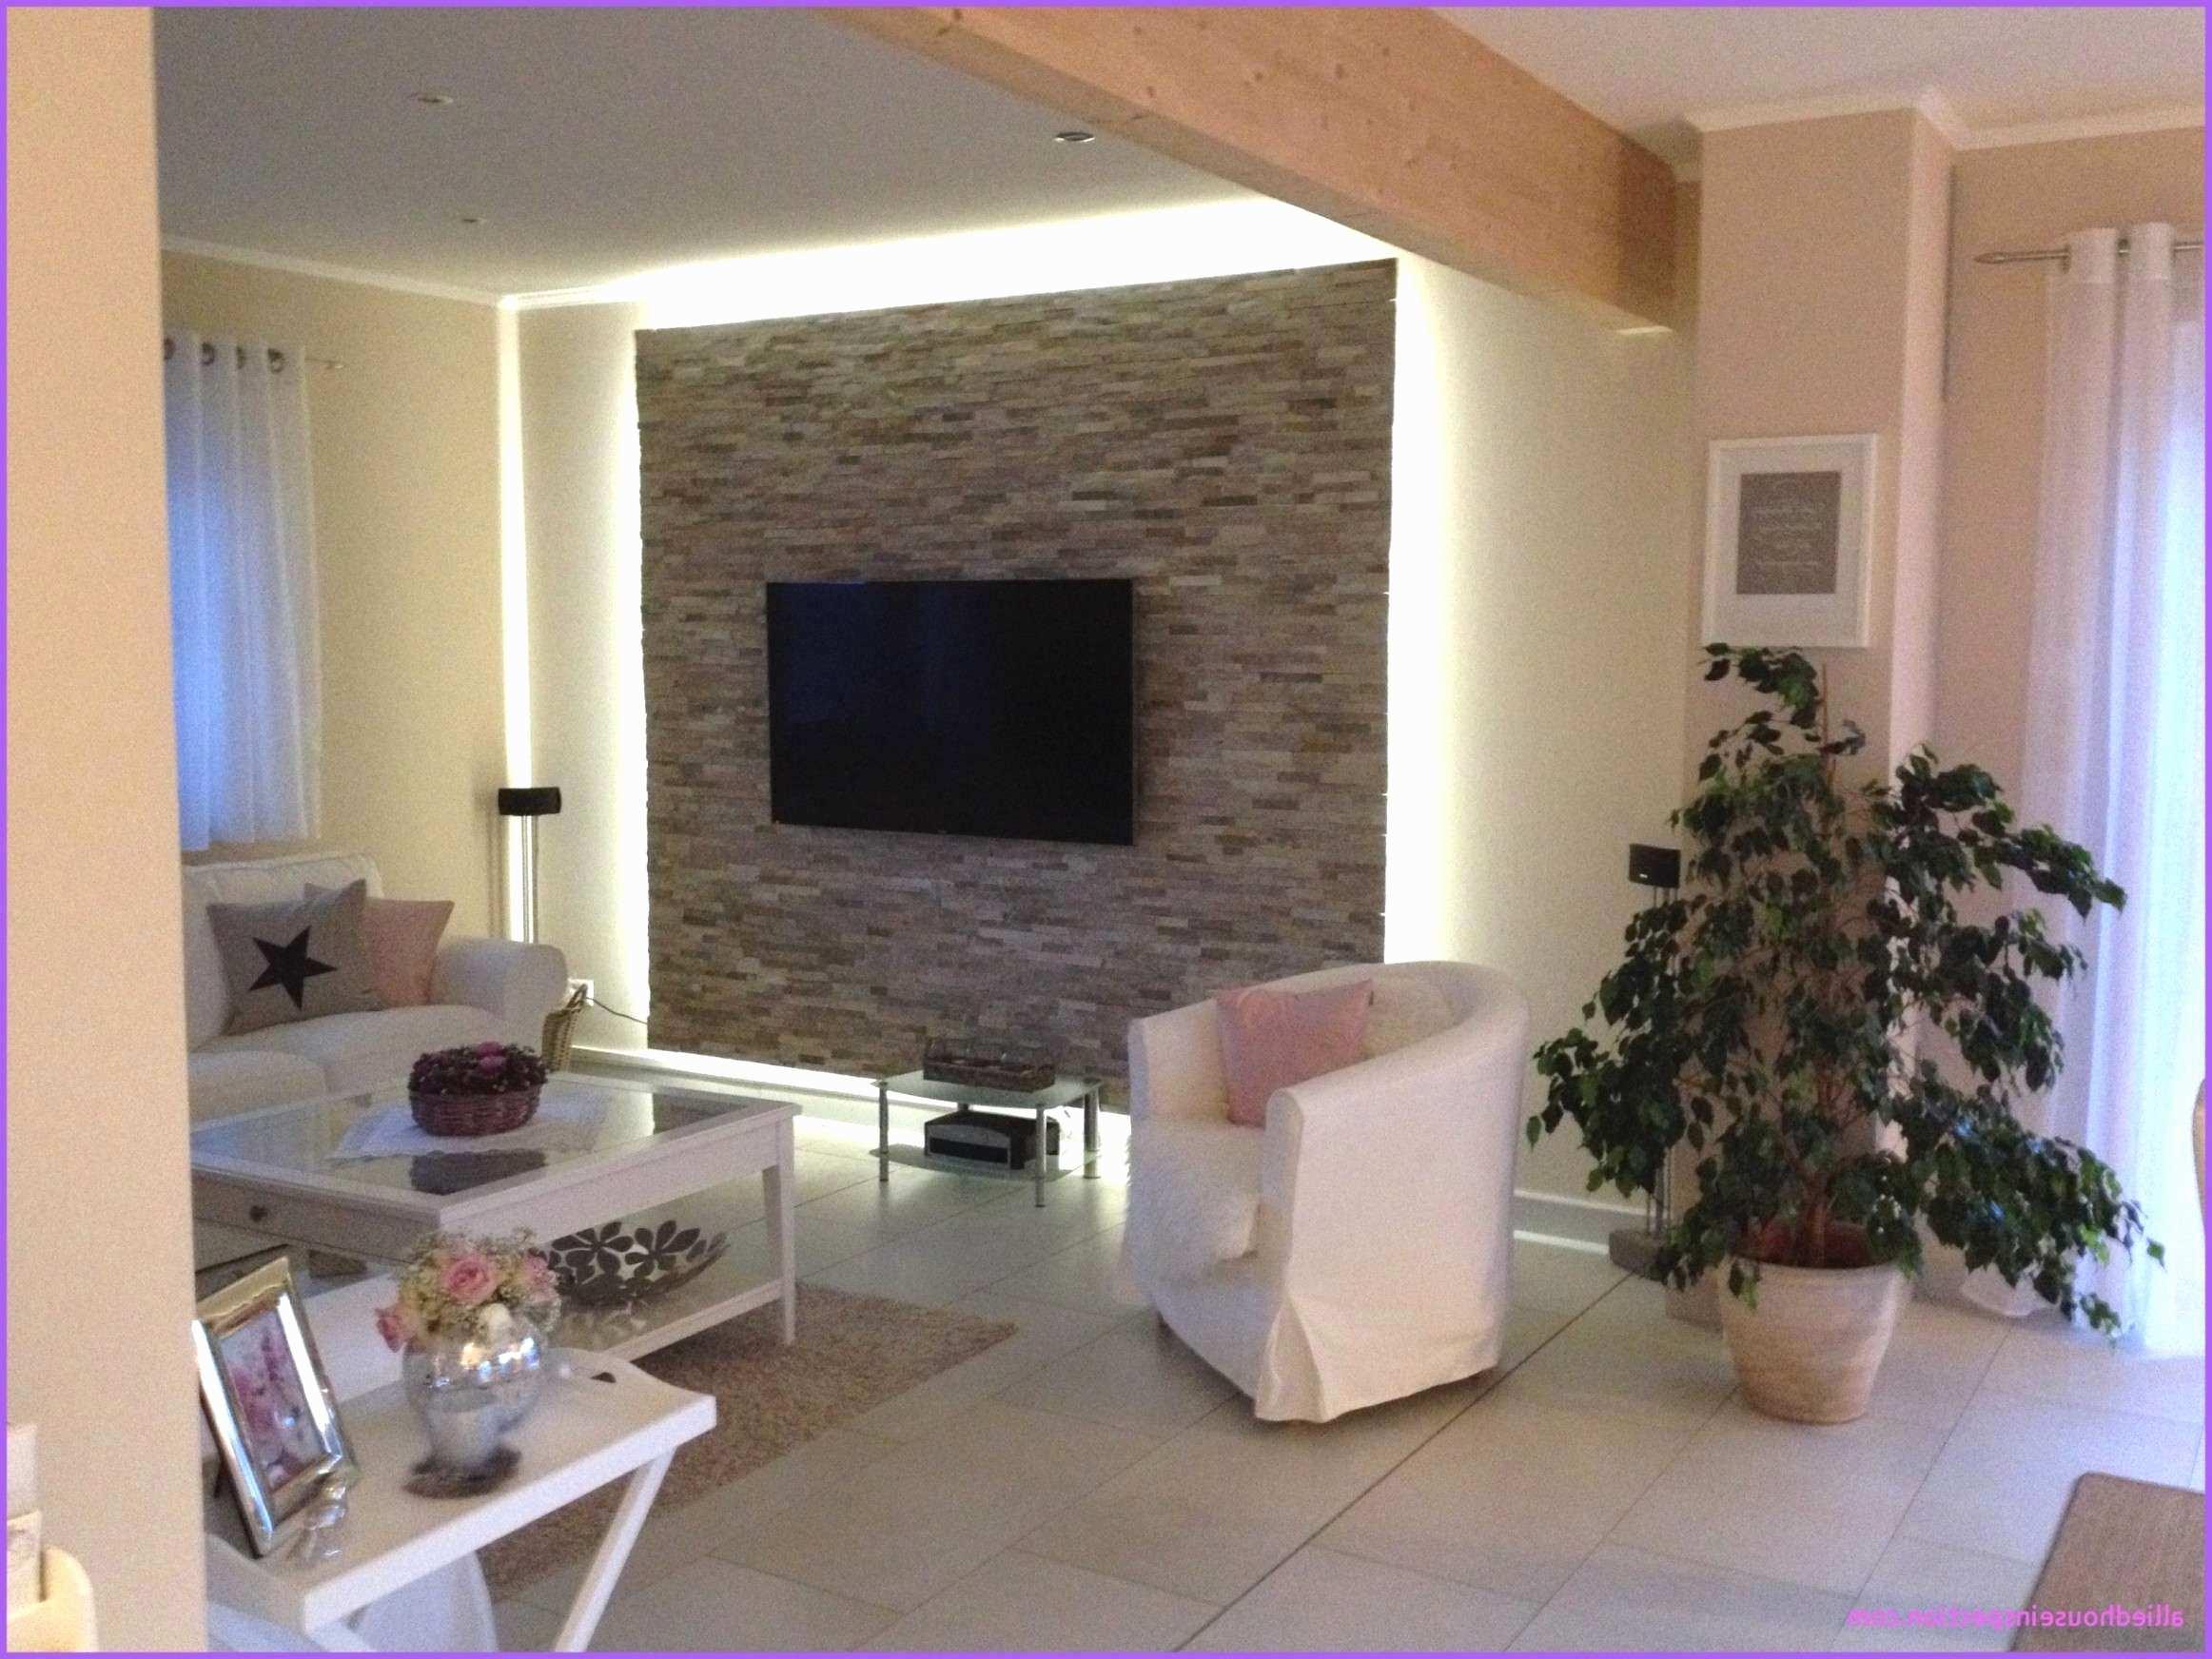 holz deko wand wohnzimmer reizend holz deko ideen ideen 20 das beste von imposing holz of holz deko wand wohnzimmer